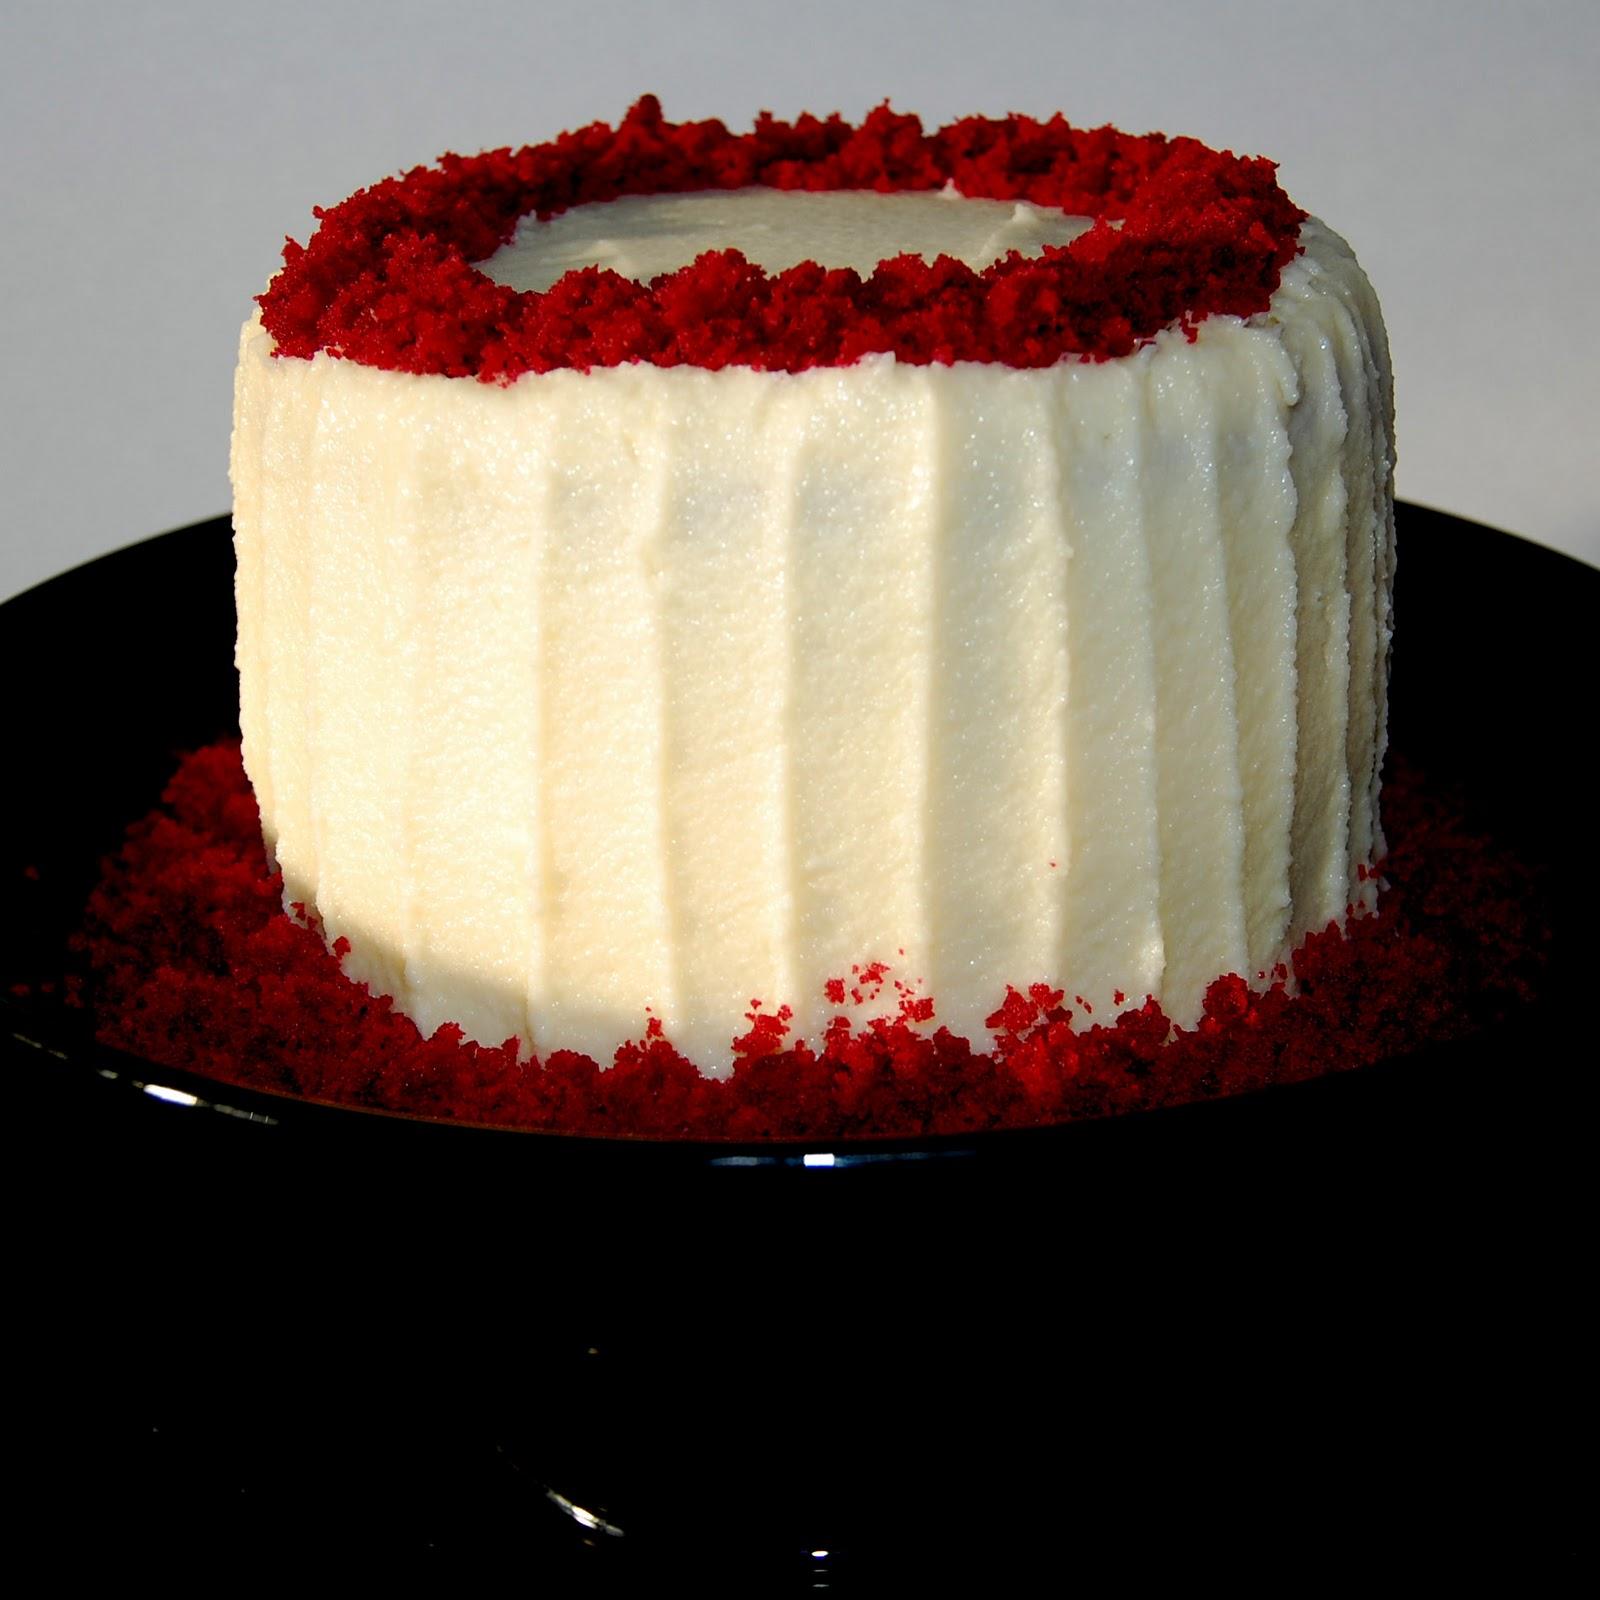 Bourbonnatrix Bakes: red velvet cheesecake cake